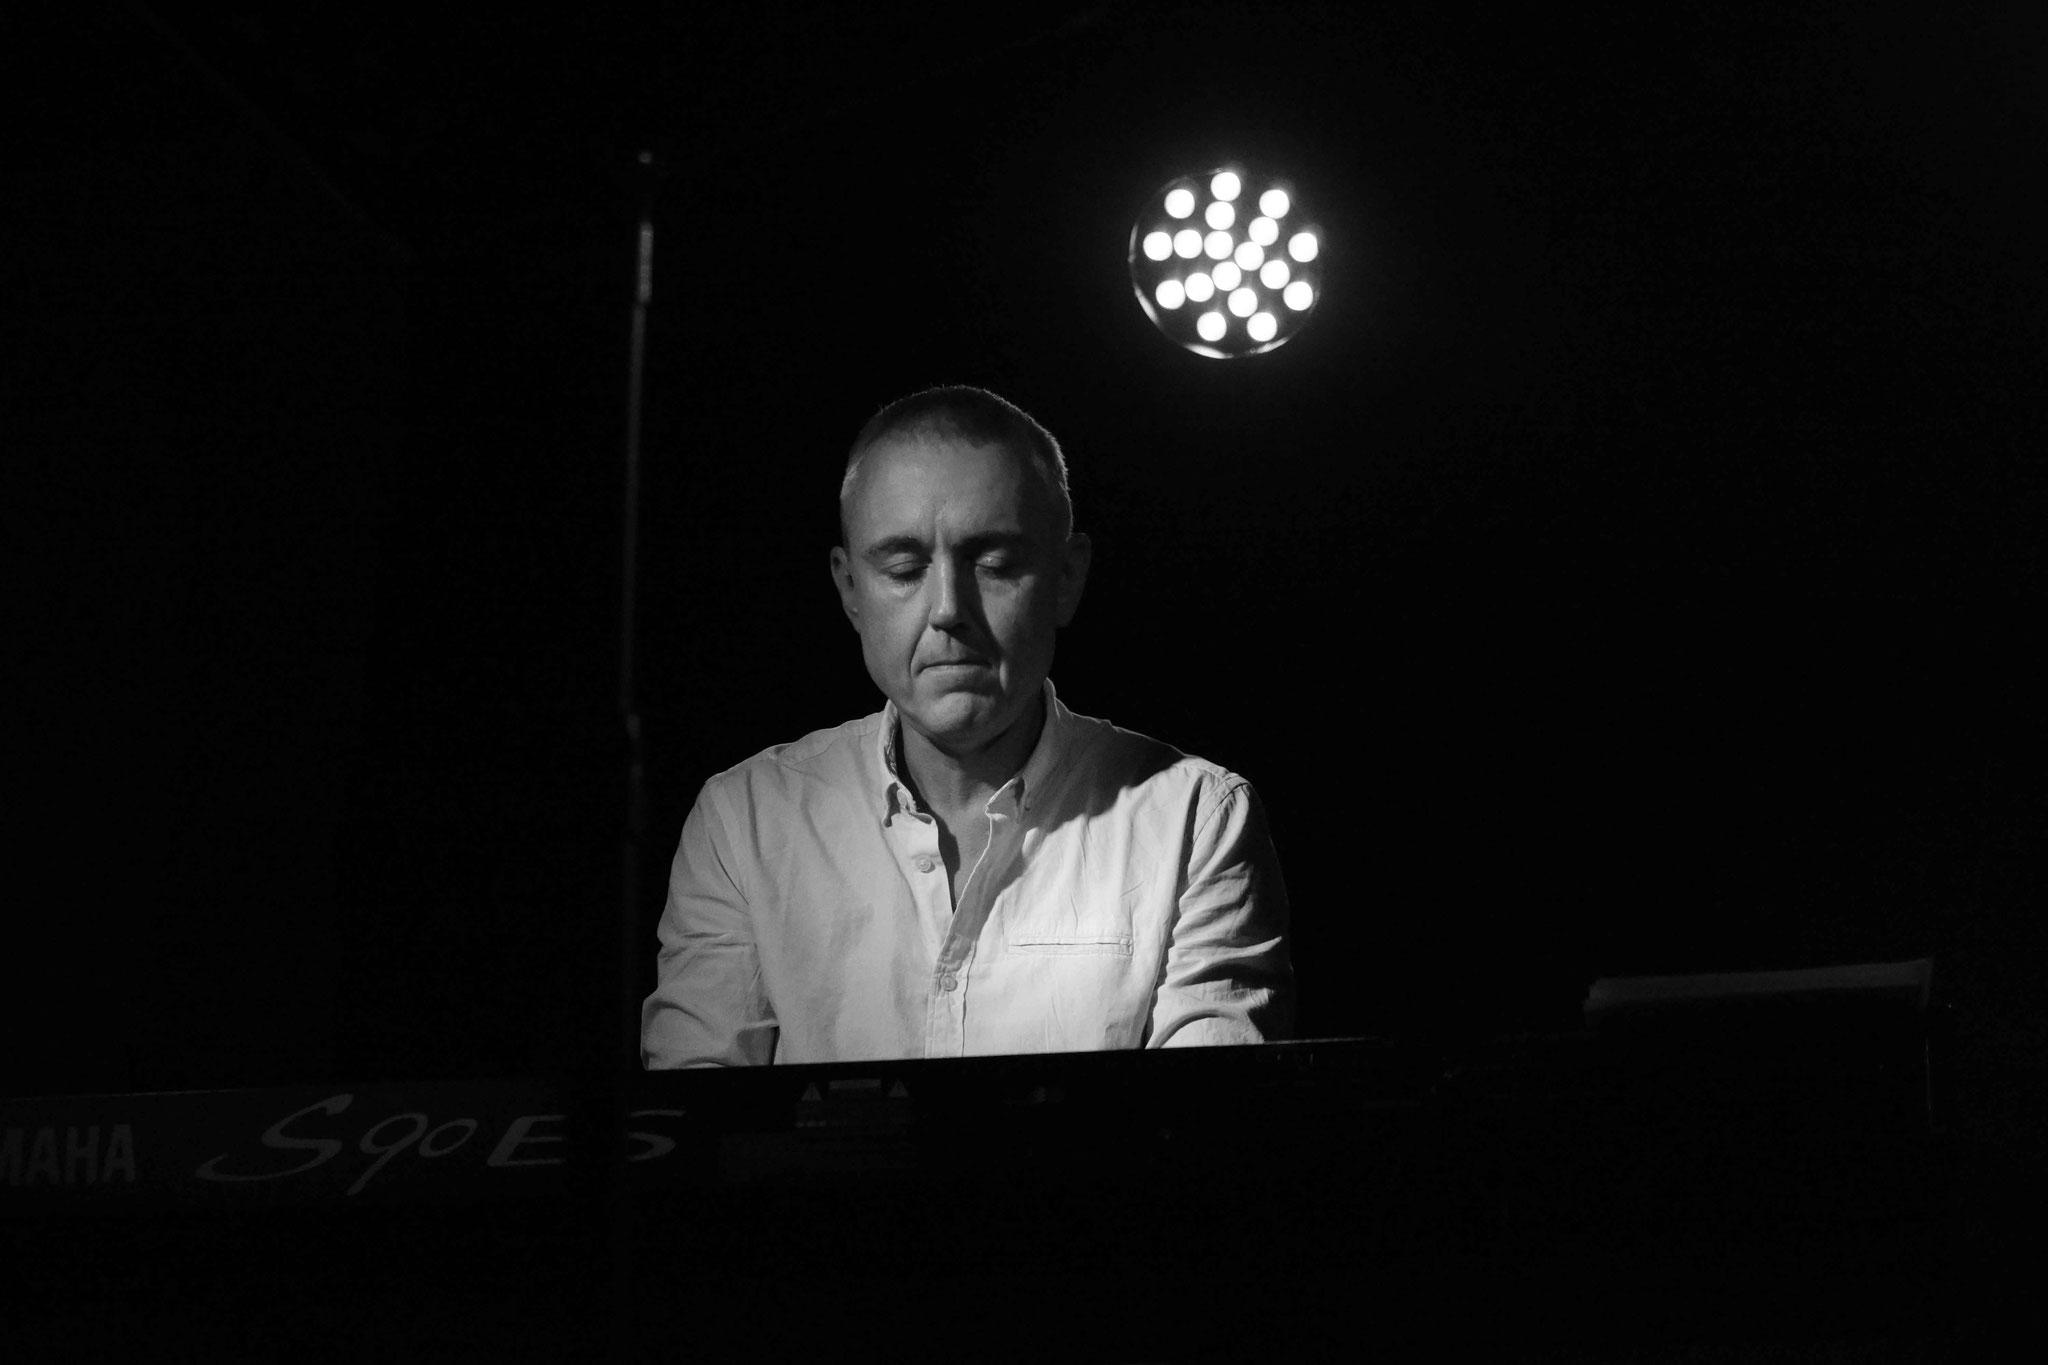 Maël Carhaix, samedi 18 juin 2016 (Philippe Guevel)